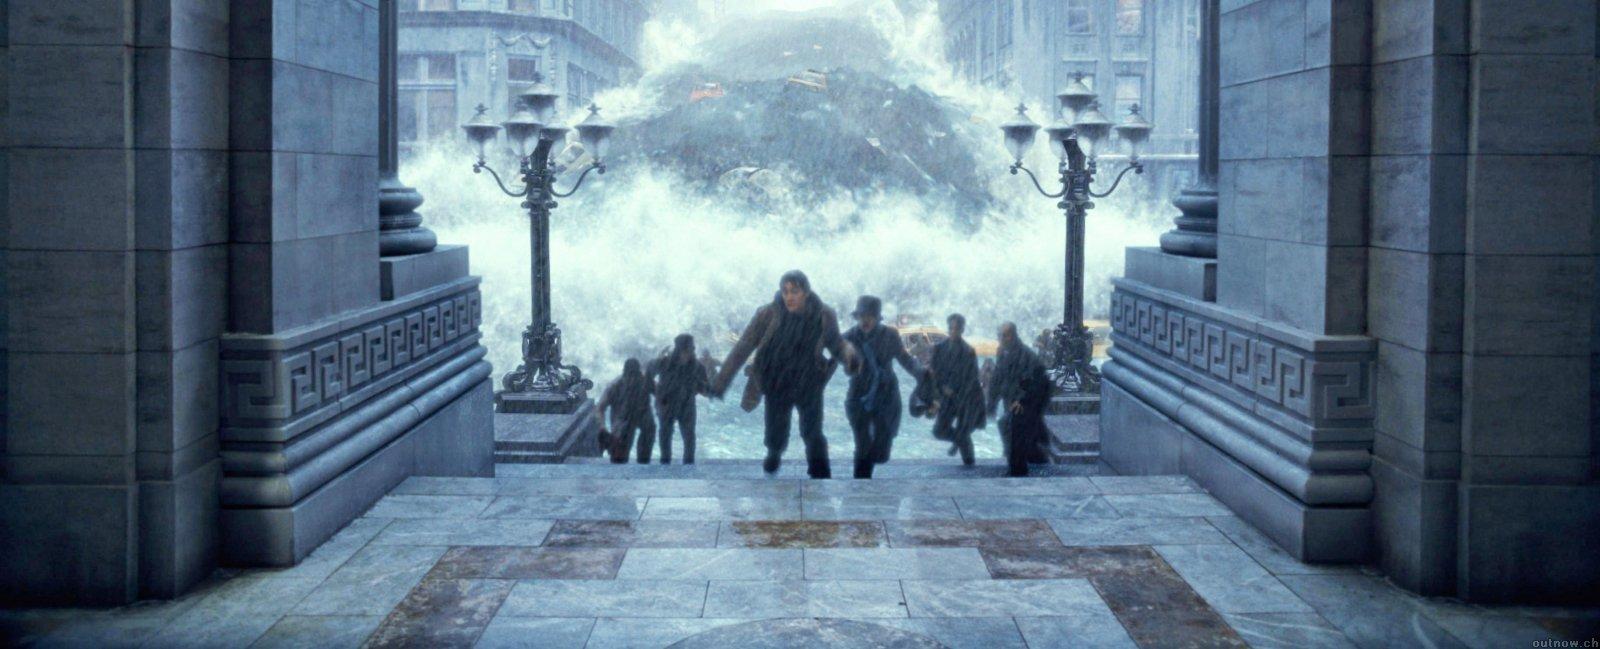 求好莱坞灾难片,像后天那样的 是环境或者天气的灾难